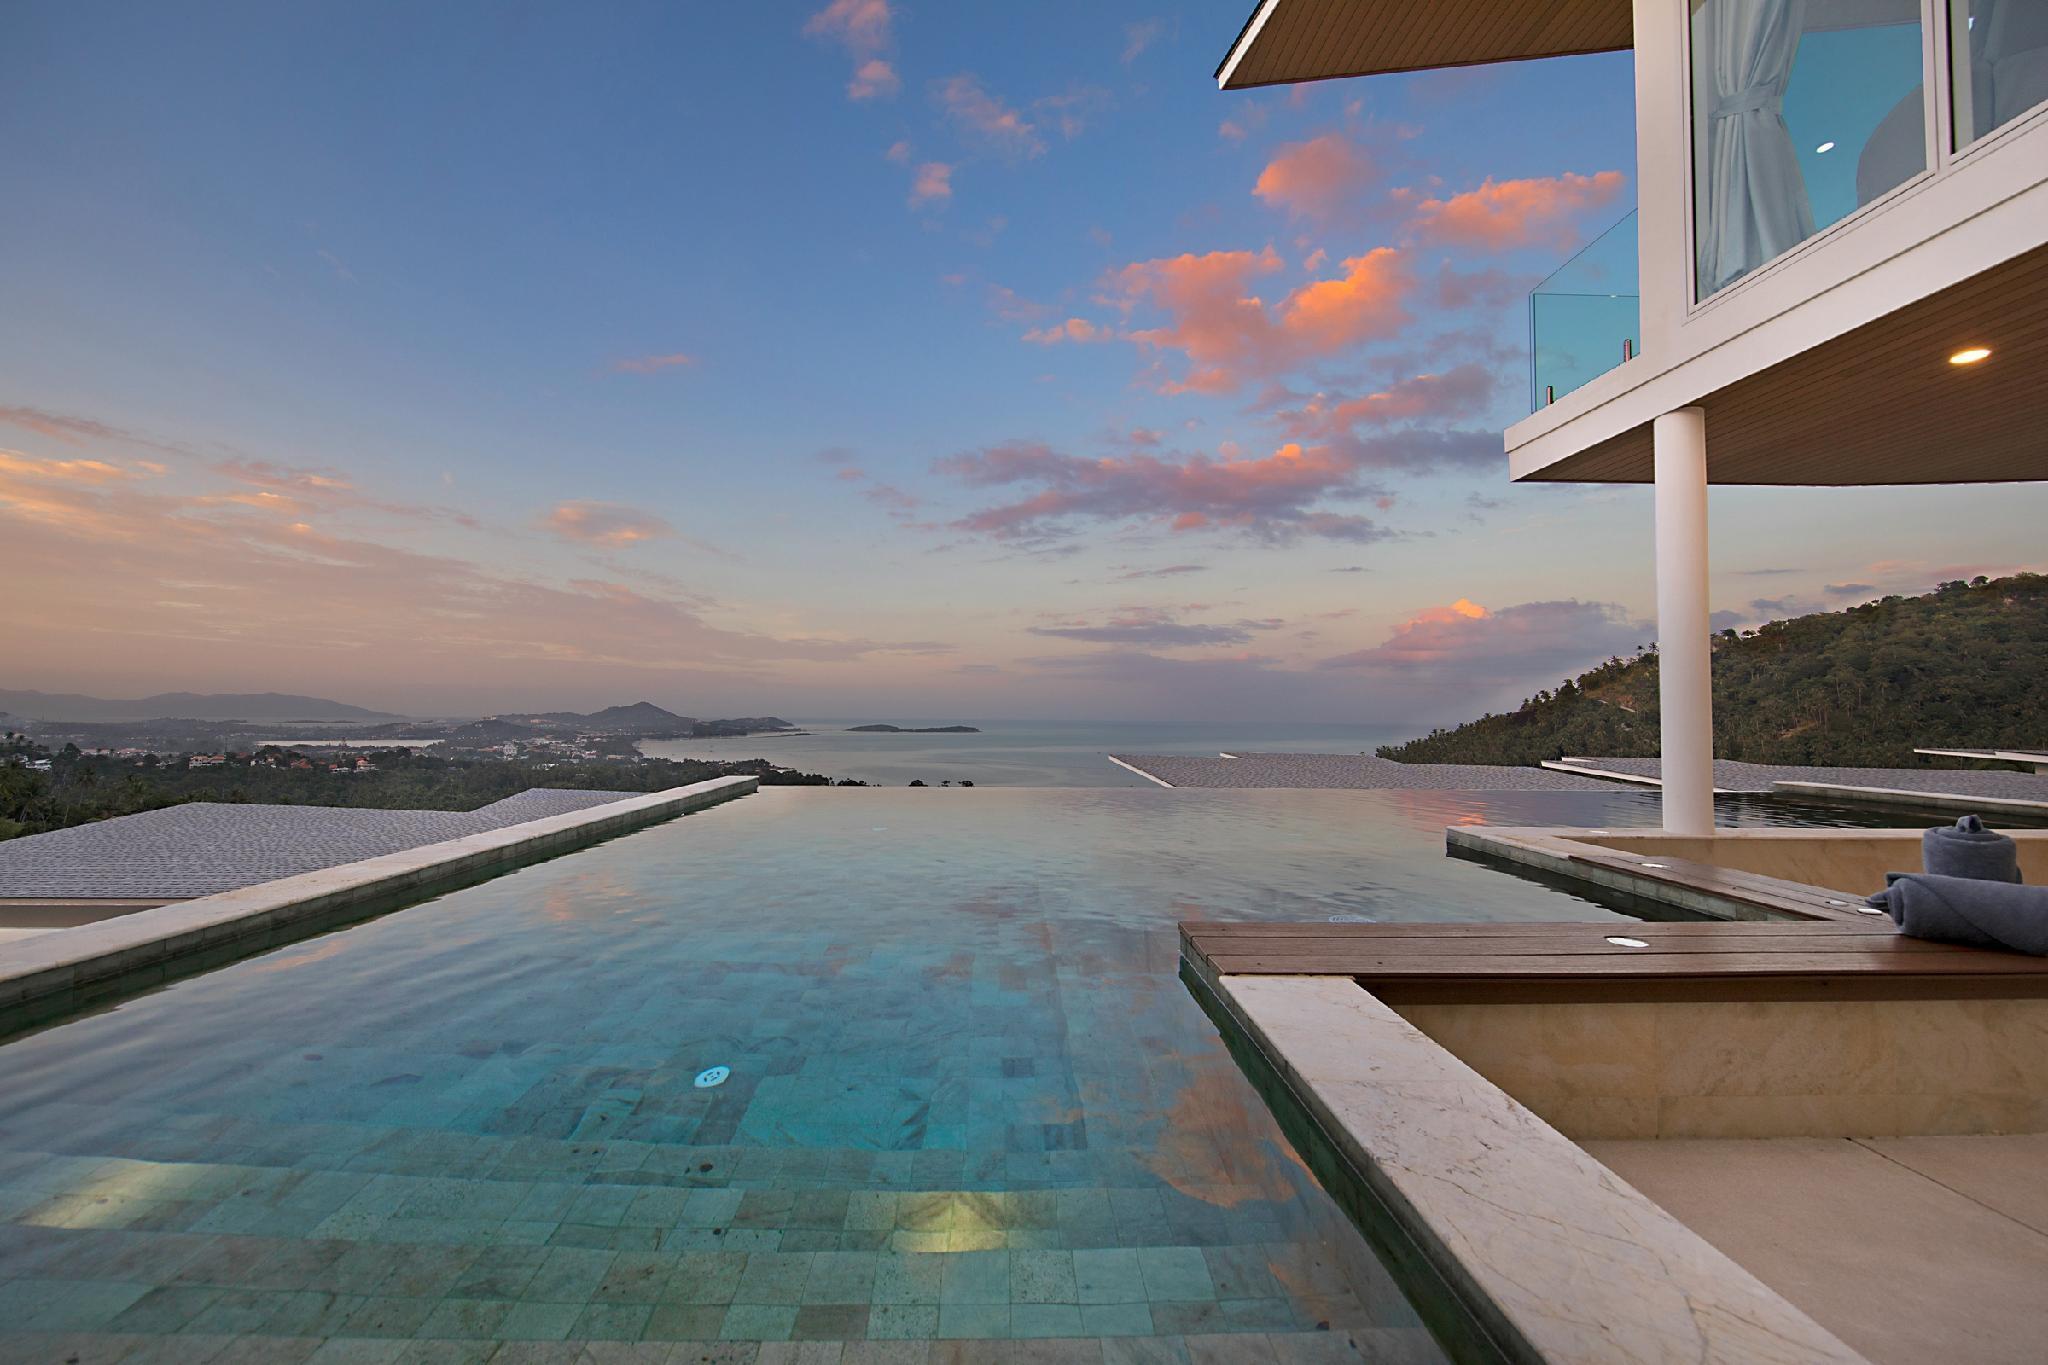 Fairyland villa -3 BR Sea Views & Private Pool A10 Fairyland villa -3 BR Sea Views & Private Pool A10